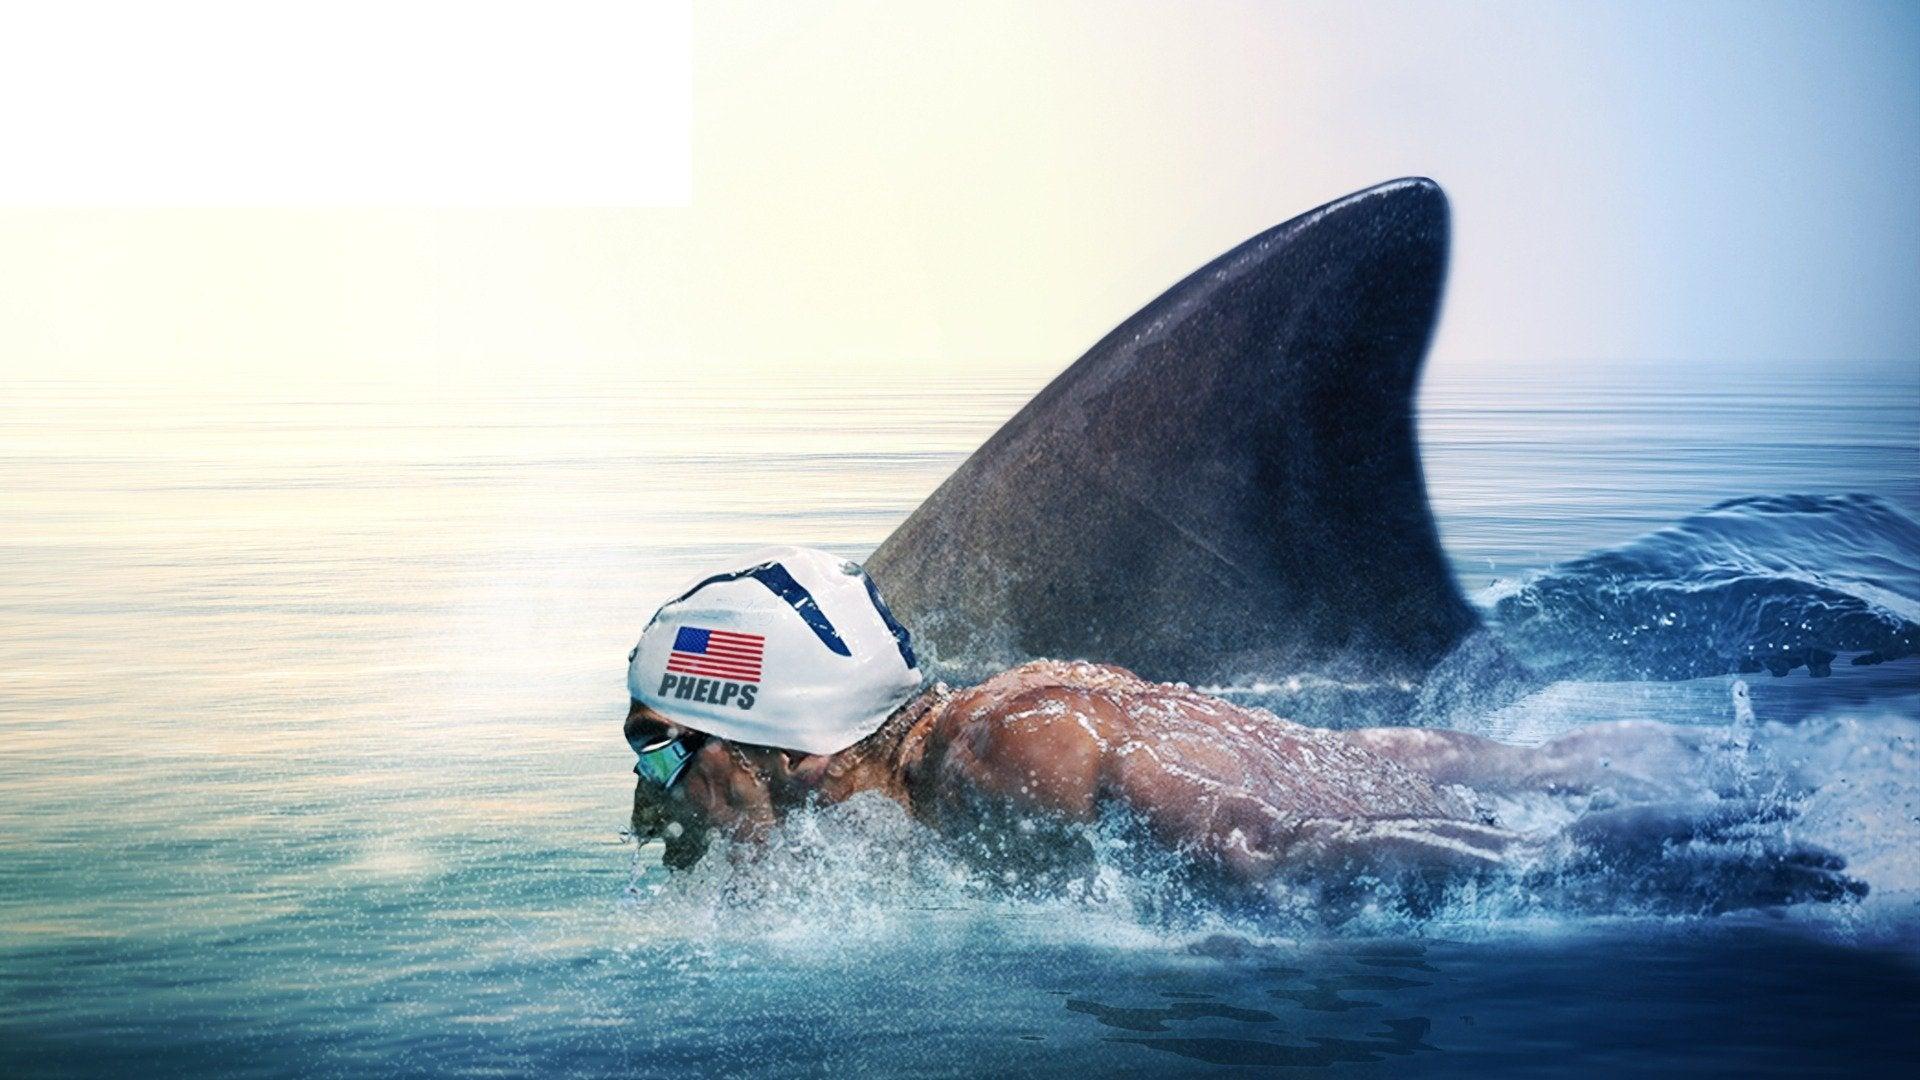 Phelps vs Shark: Great Gold vs Great White